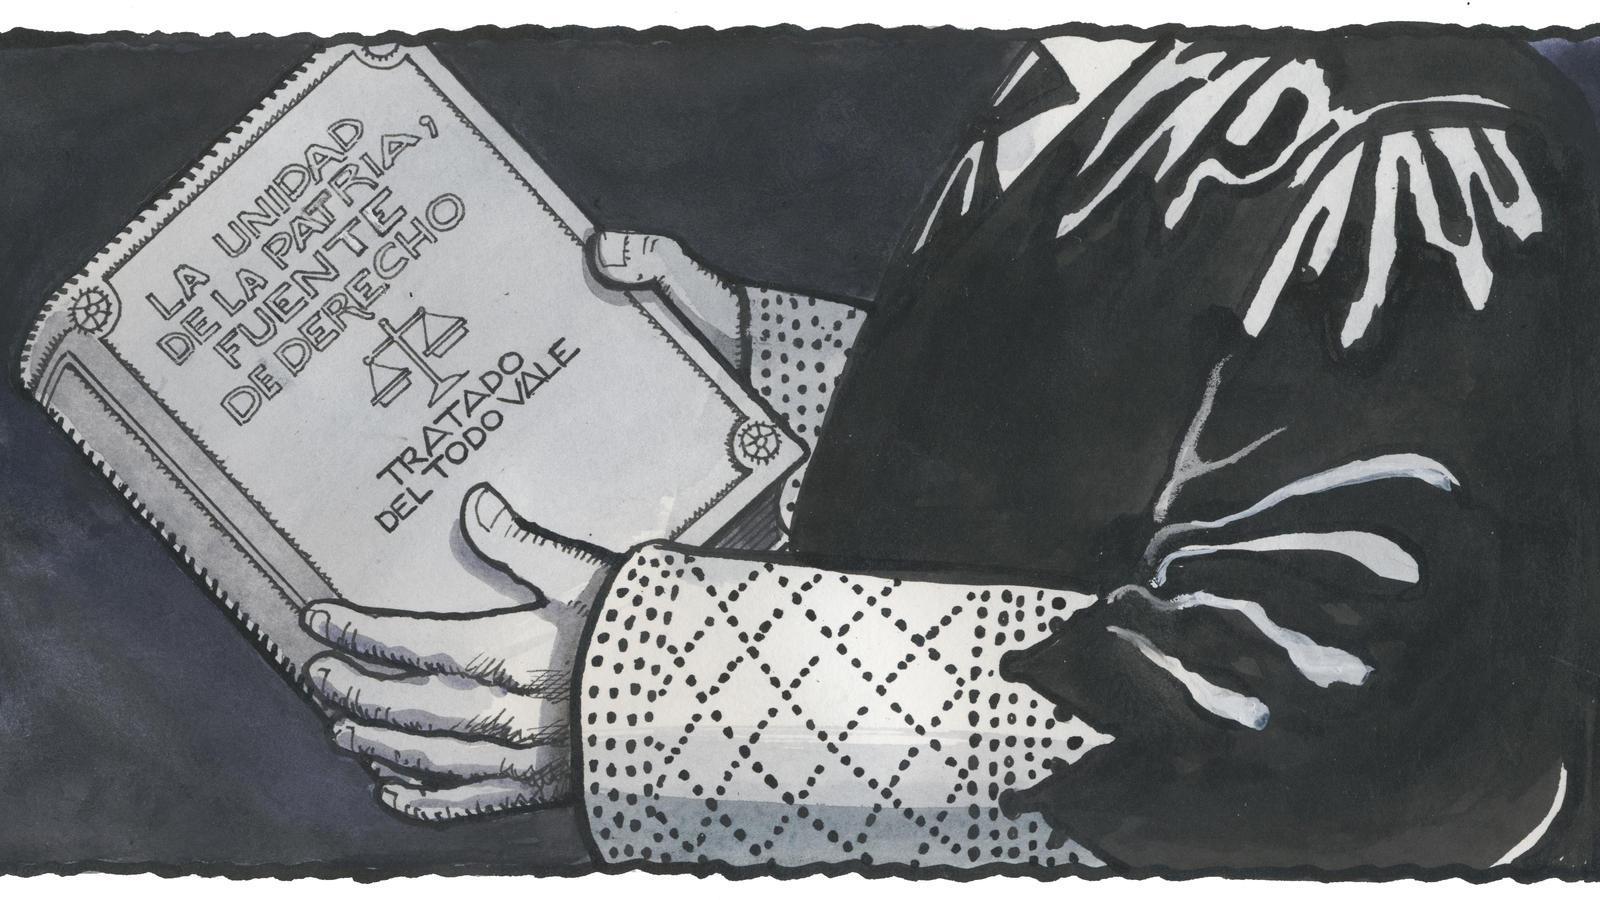 'A la contra', per Ferreres 28/07/2020